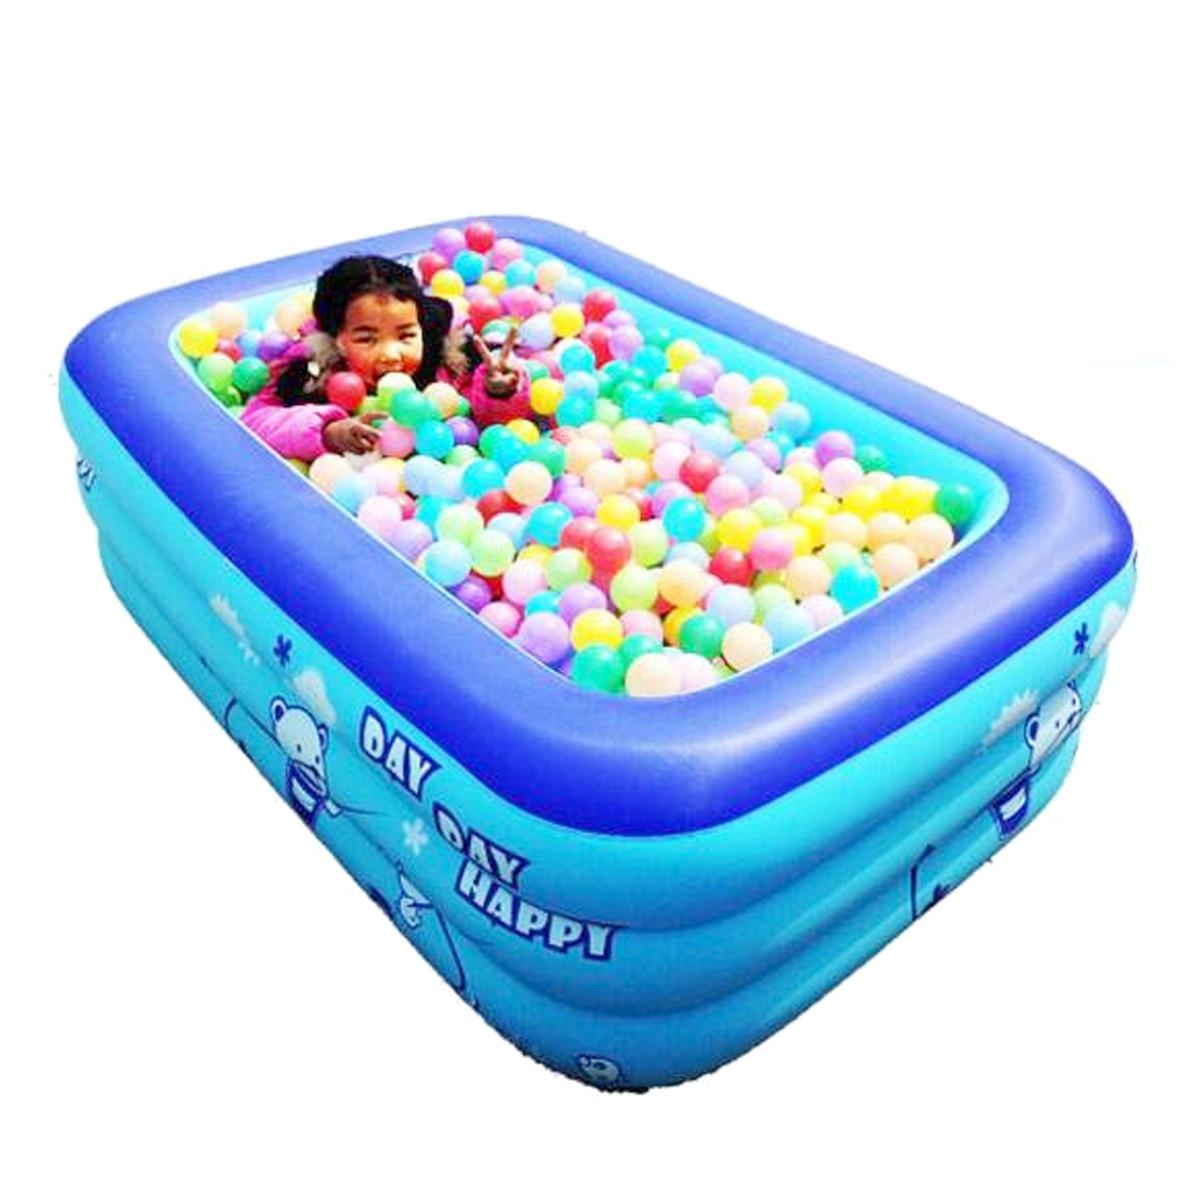 120/130/150 Cm Kinder Badewanne Baby Zu Hause Verwenden Paddeln Pool Aufblasbare Quadrat Schwimmbad Kinder Aufblasbare Pool Freeshipping